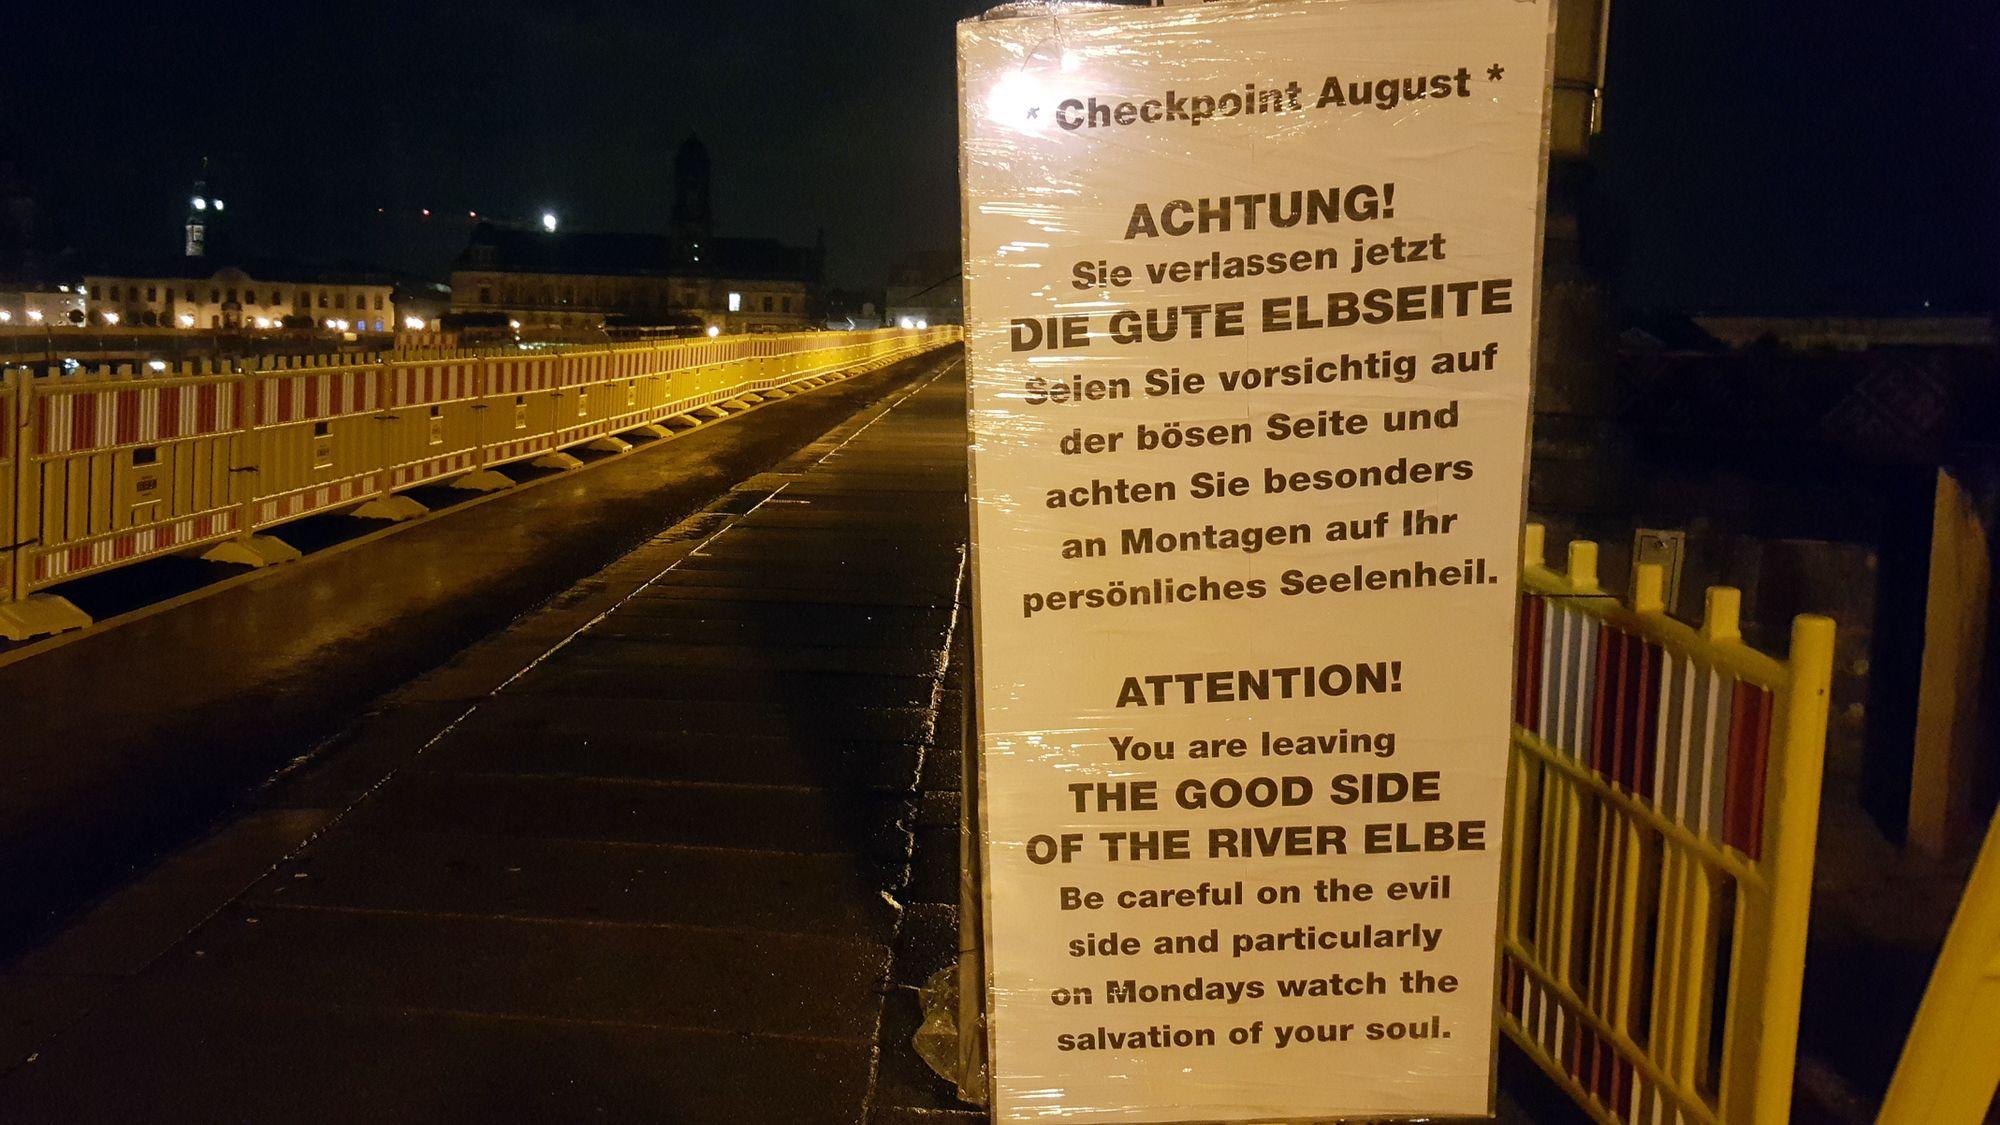 """Nach Ansicht der Tafel-Aufsteller verlässt man in Richtung Altstadt die """"gute Elbseite"""""""